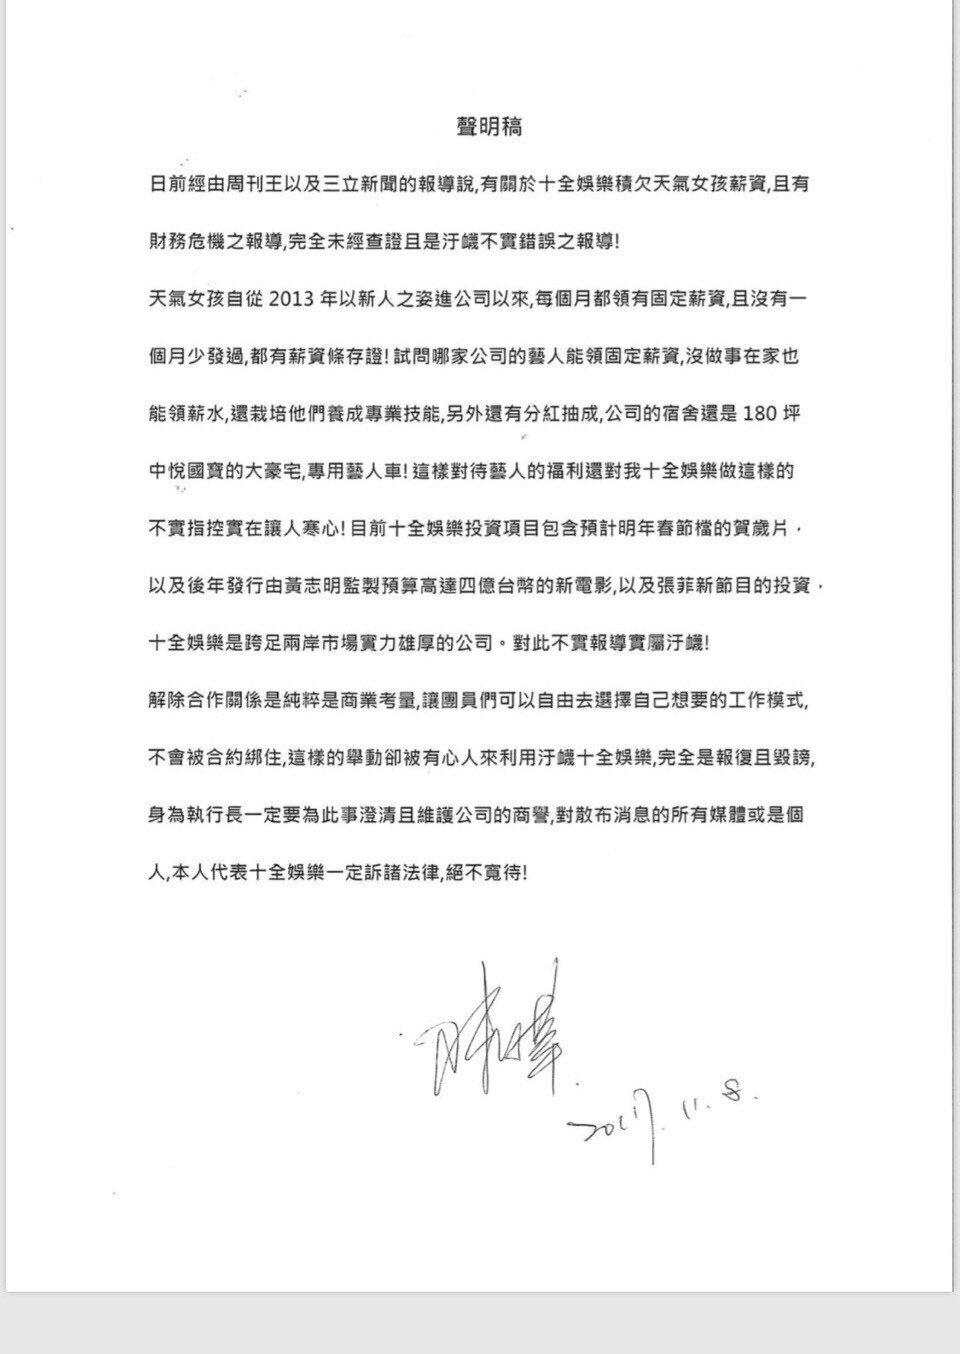 陳國華發聲明稿指稱外界報導不實  圖/十全娛樂提供